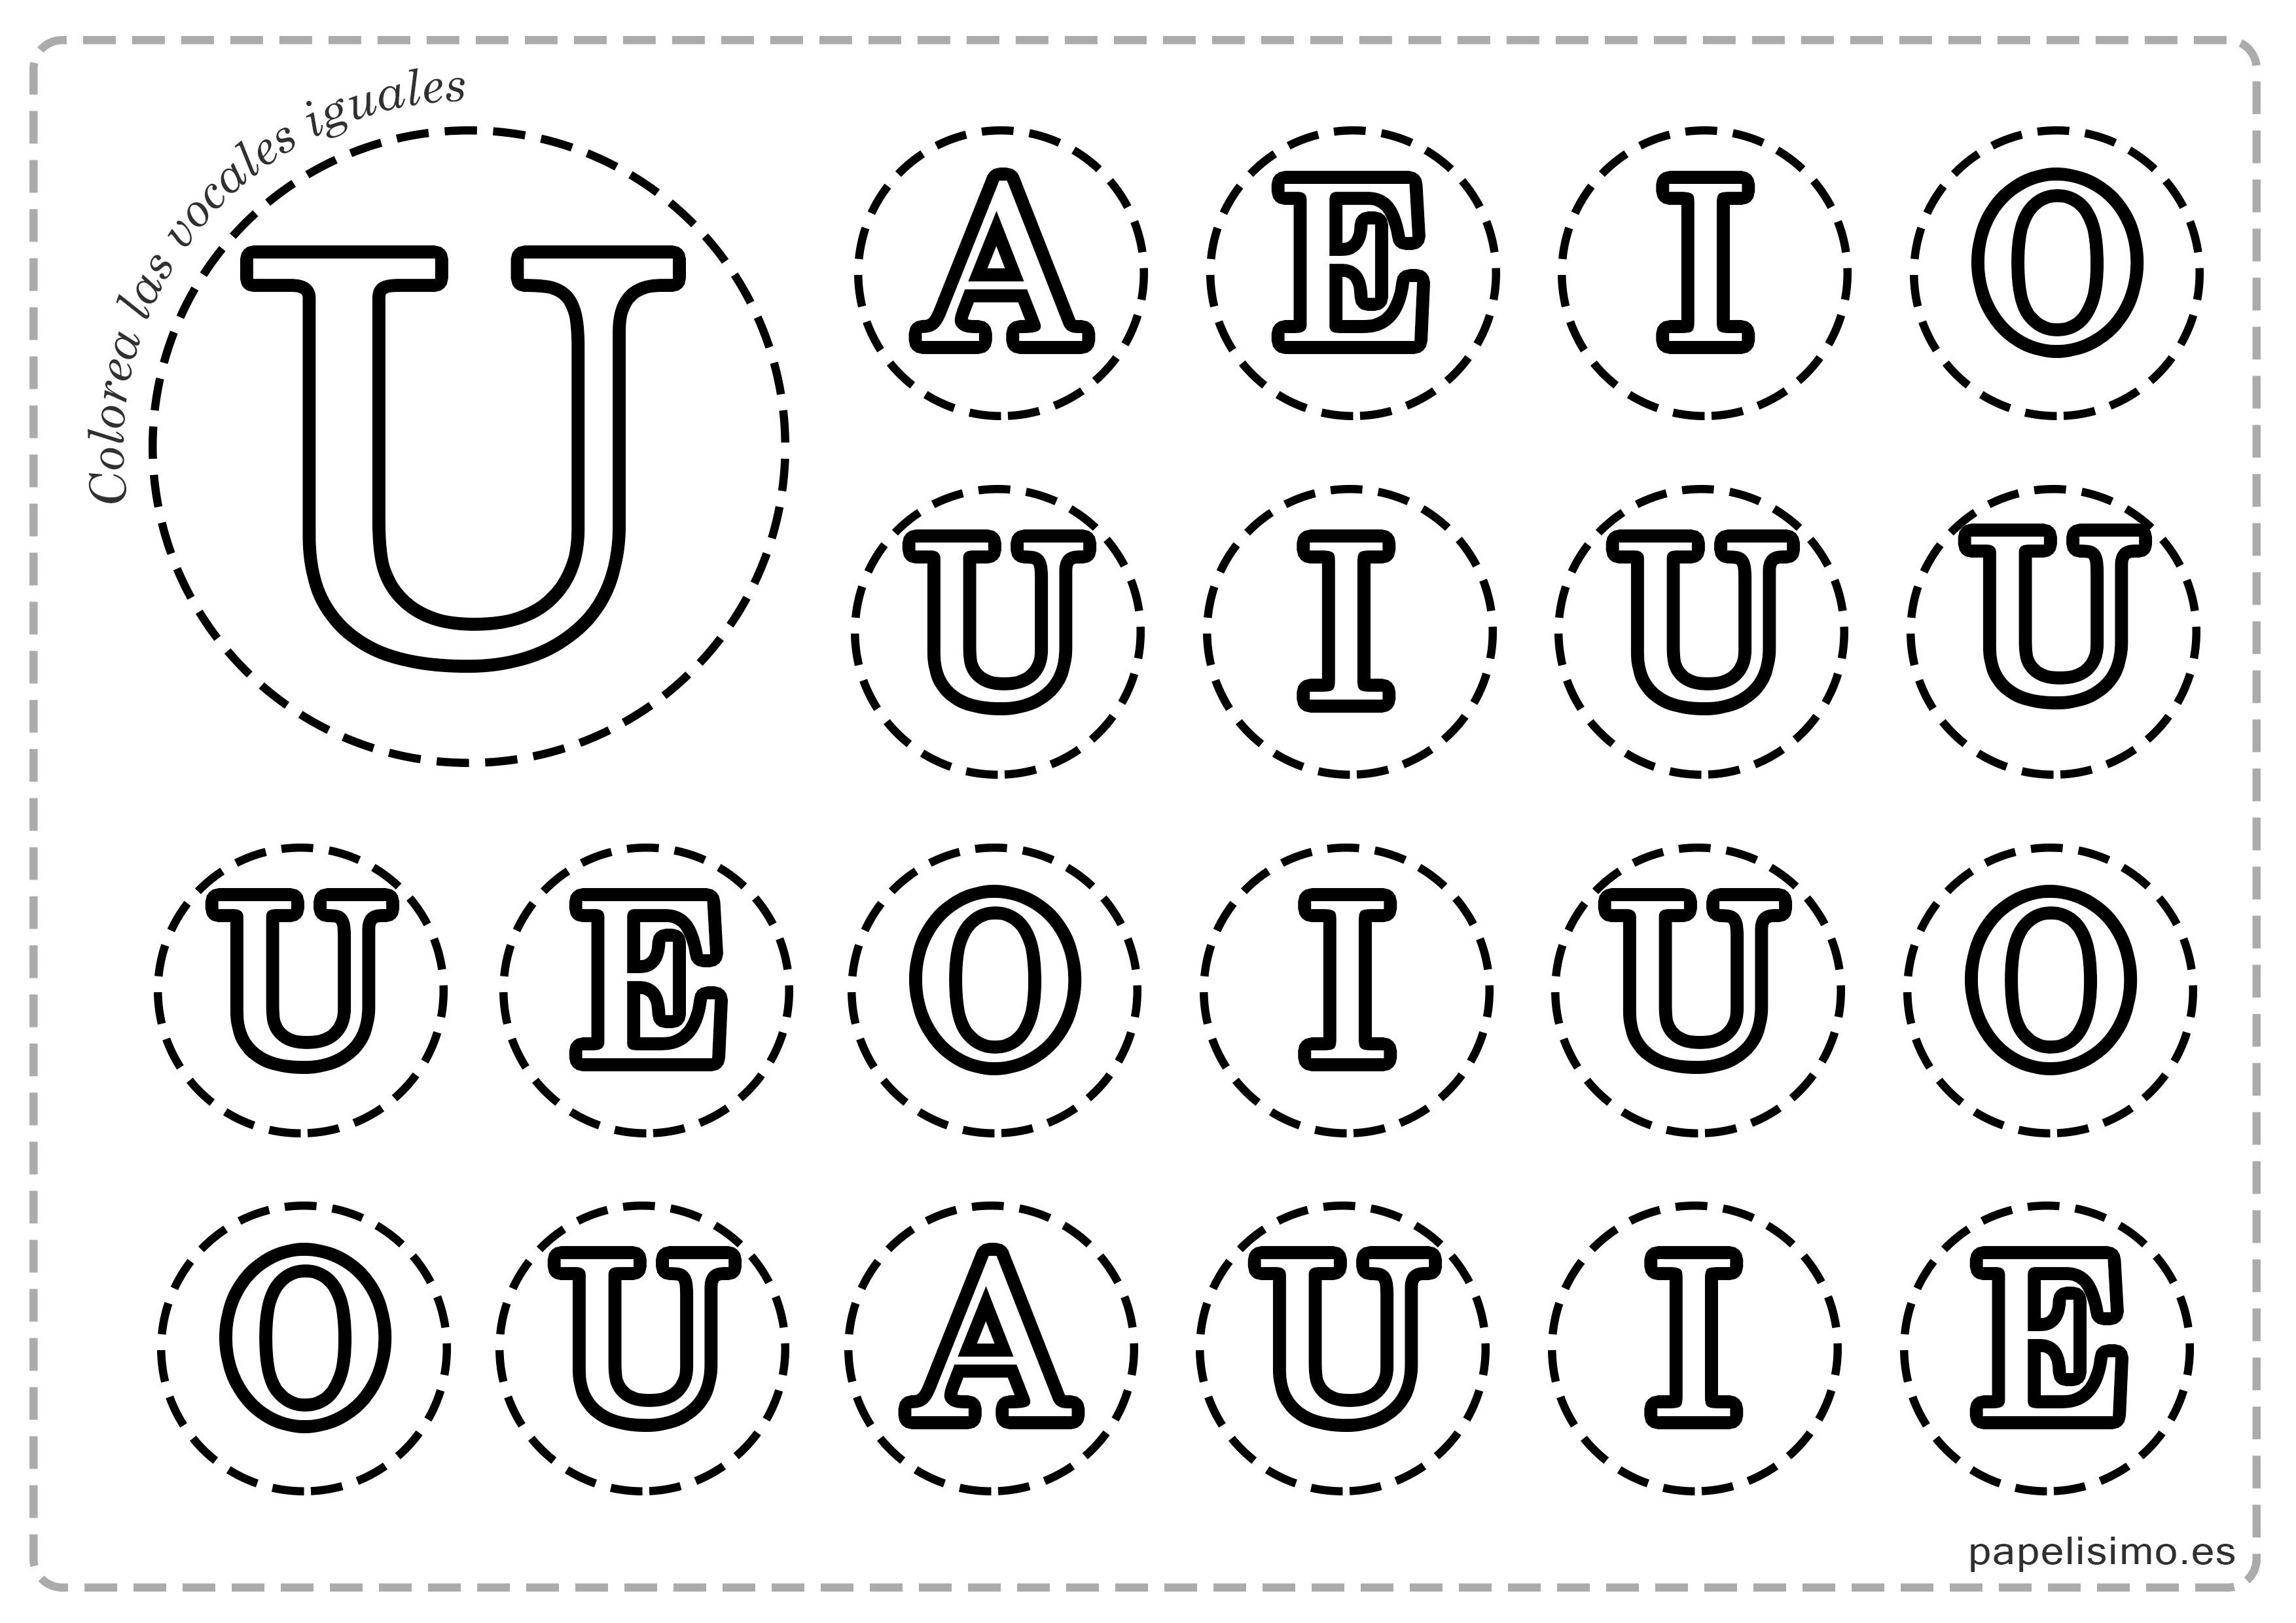 Vocales para imprimir y colorear (mayúsculas y minúsculas) - PAPELISIMO